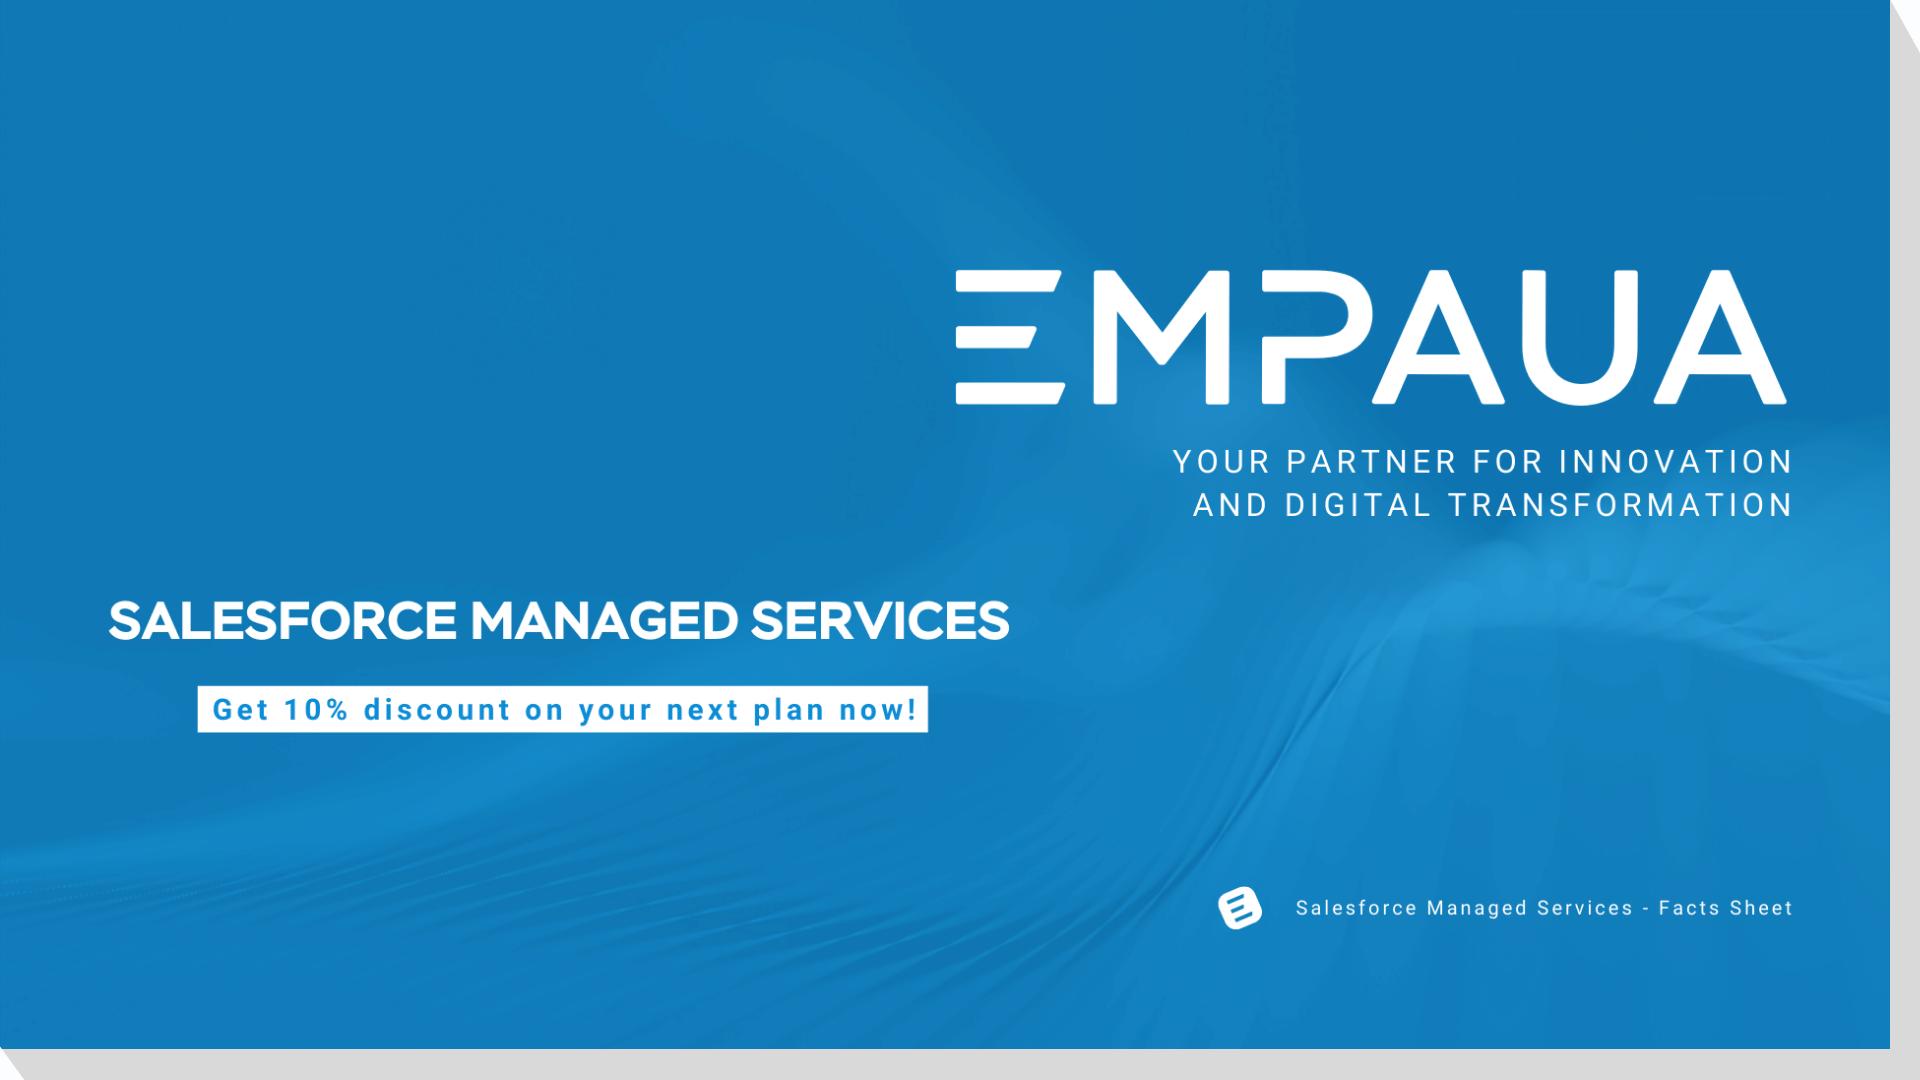 EMPAUA Salesforce Beratung Berlin